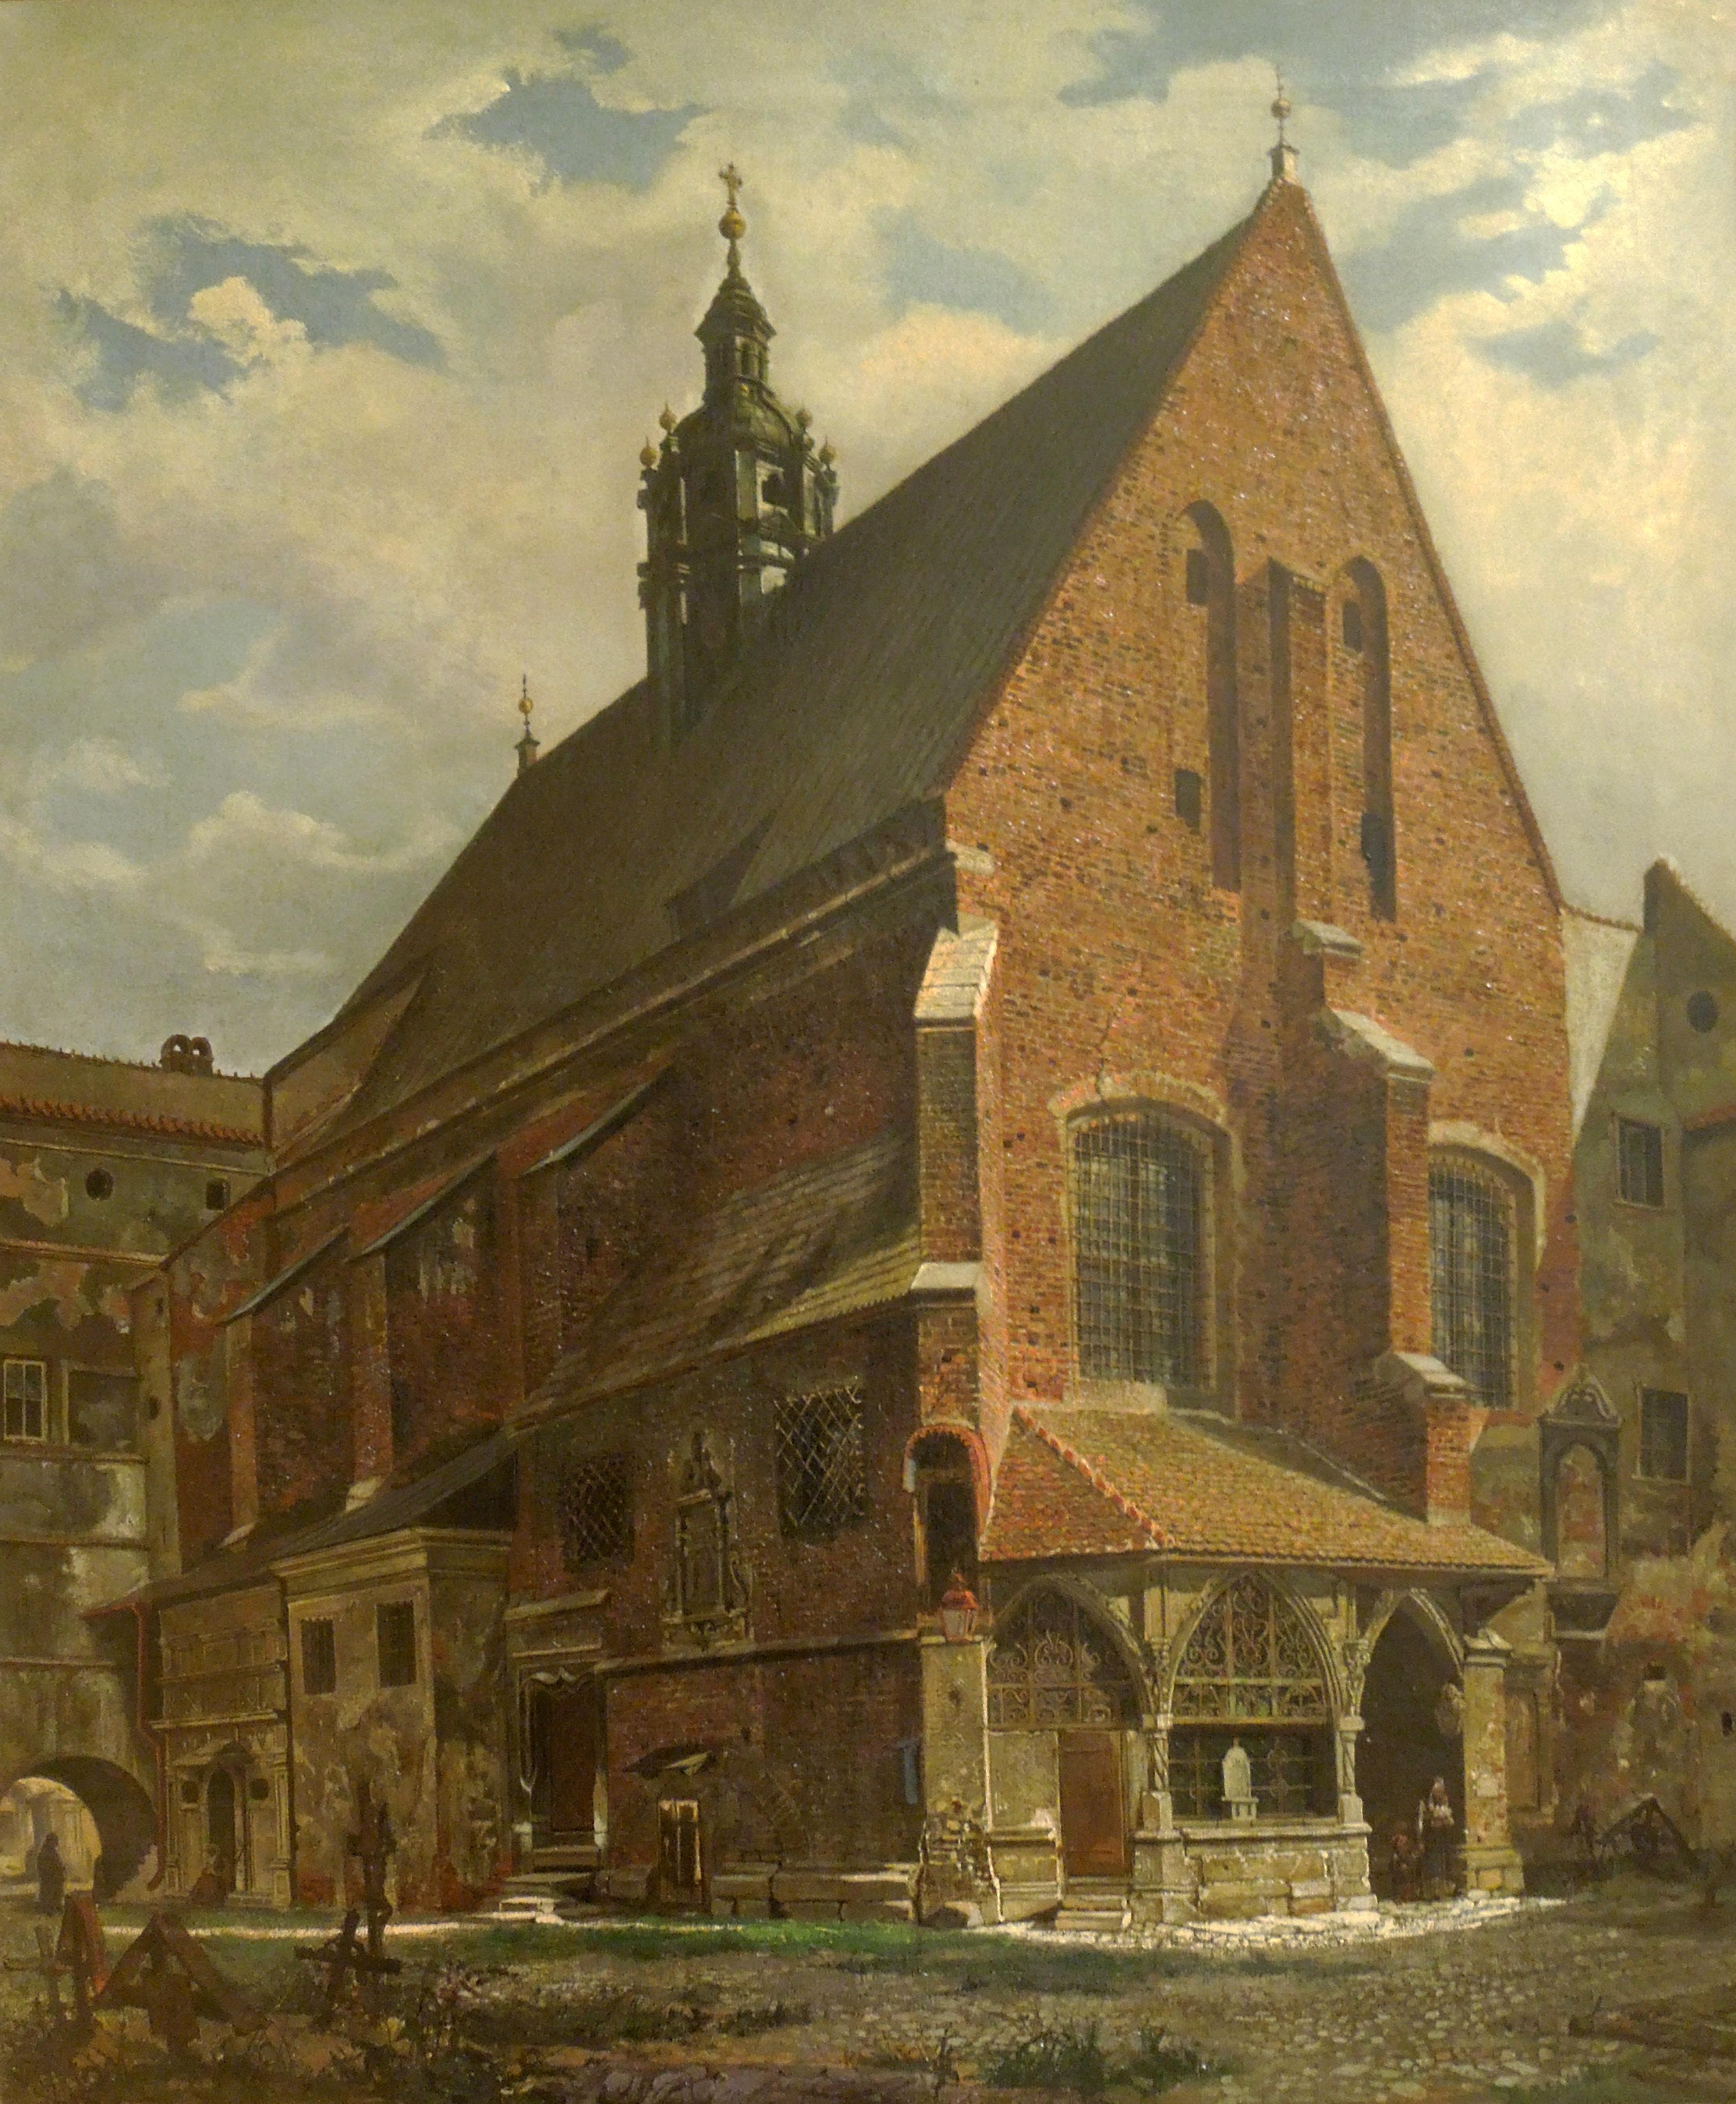 """Aleksander Gryglewski (1833-1879) """"Kościół św. Barbary"""", 1860 rok, źródło: Muzeum Narodowe we Wrocławiu"""